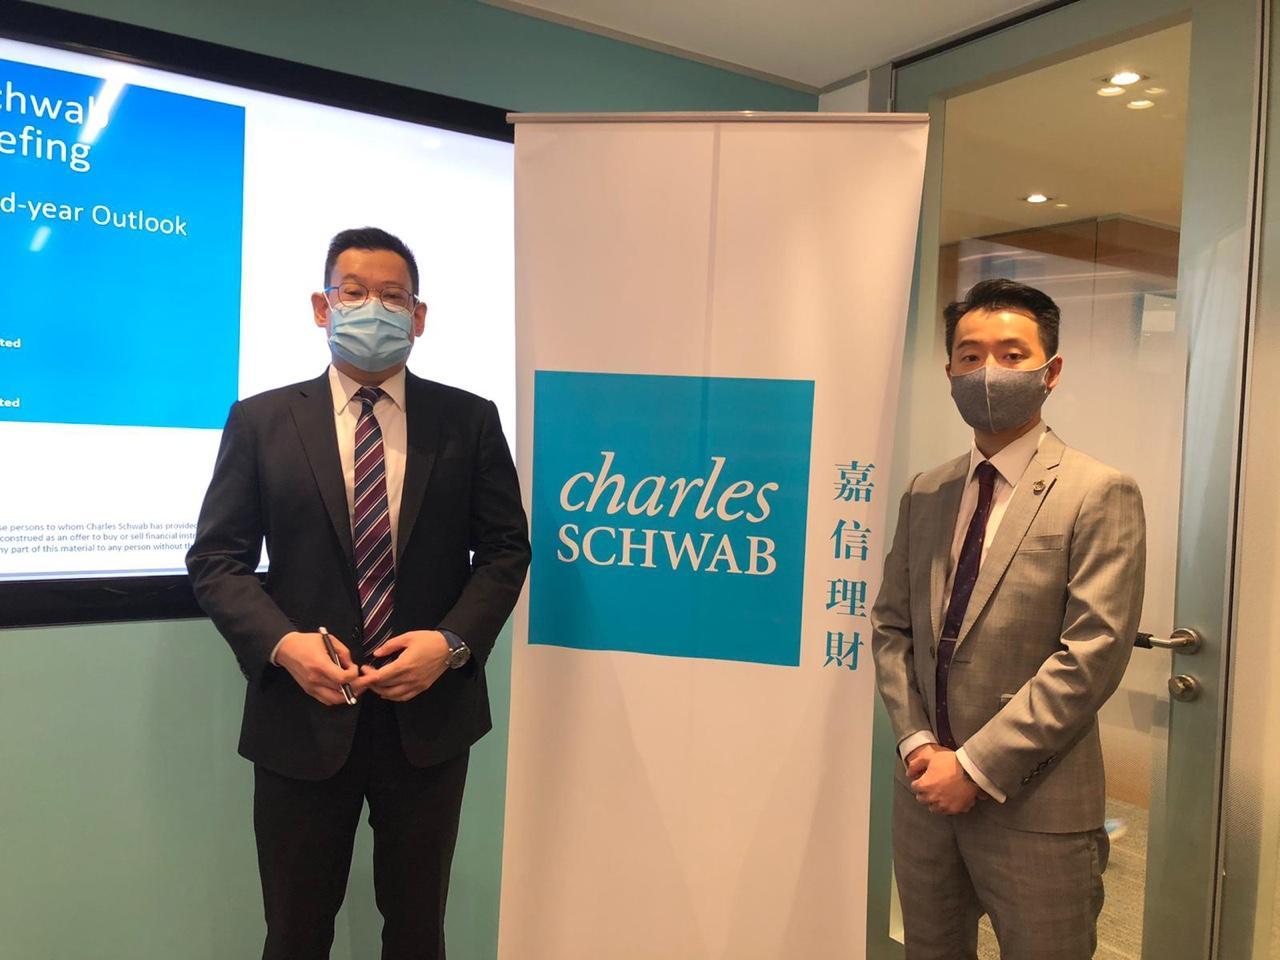 嘉信理財私人客戶顧問副總裁游國義(左)、嘉信理財副總裁-理財顧問林長傑(右)。